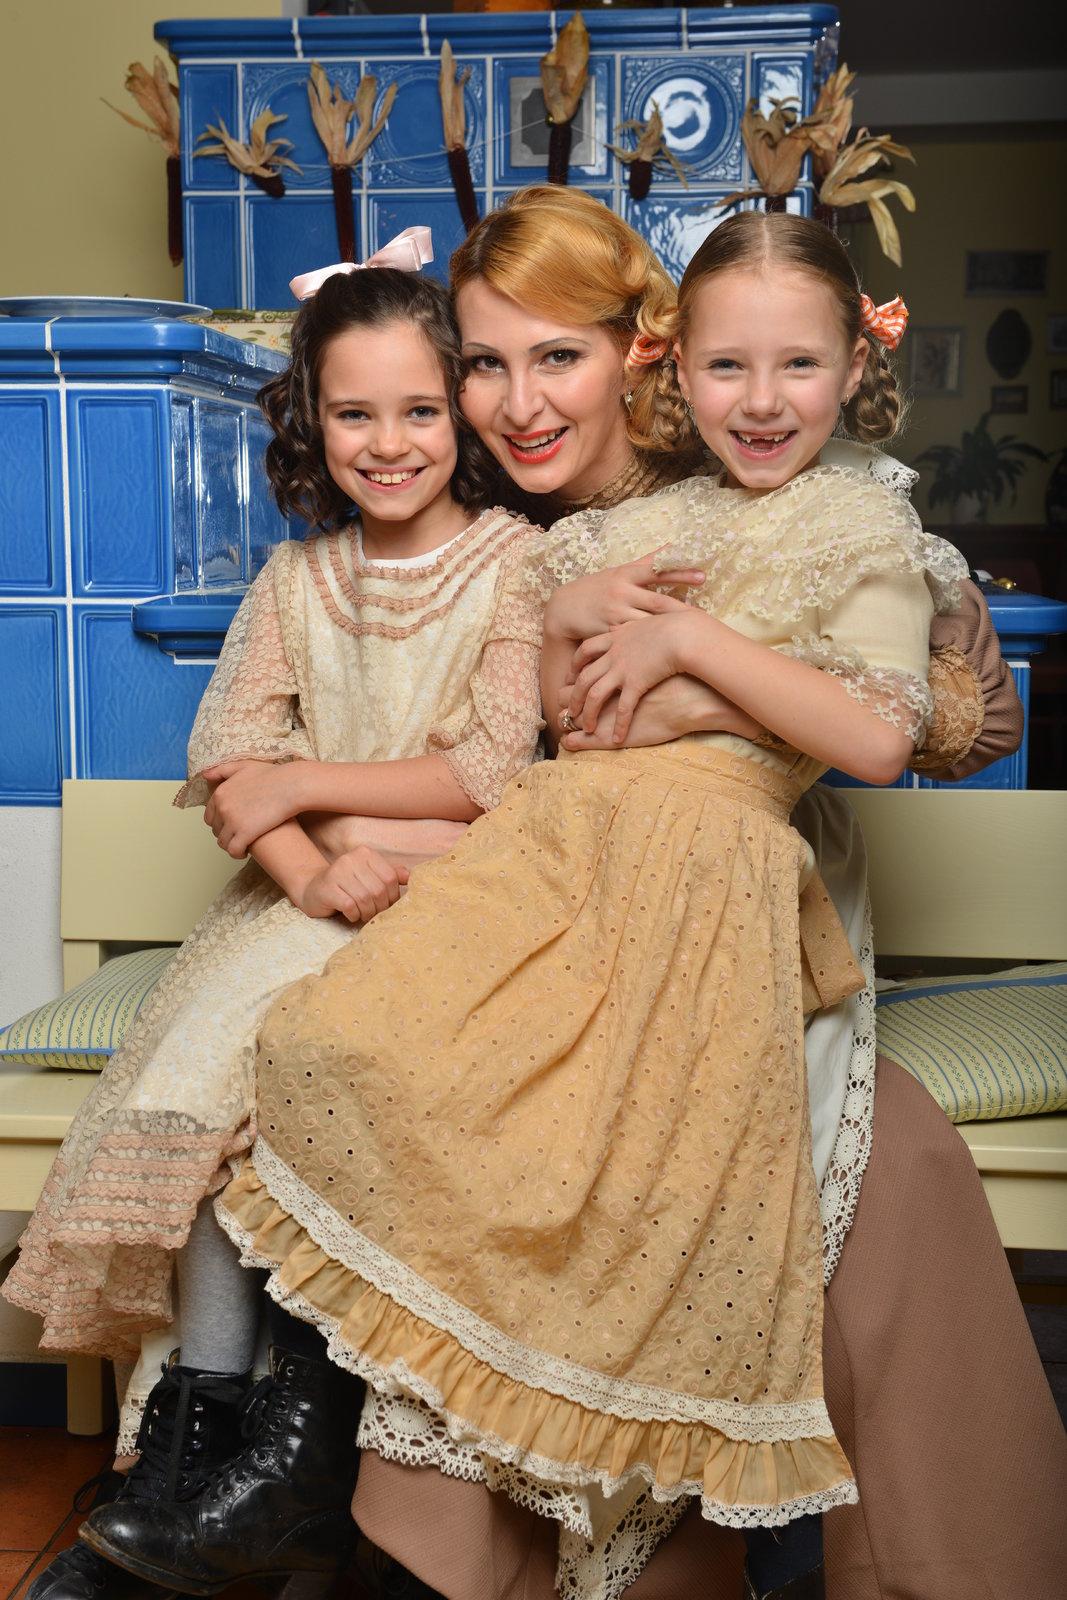 Gottovy dcery Charlottka (8) a Nellinka (6) a hned se oblékly do zástěr. Za malou chvíli už se na kamnech prášilo od mouky, když válely rohlíčky a dávaly je na plech. Bylo vidět, že to nedělají poprvé.